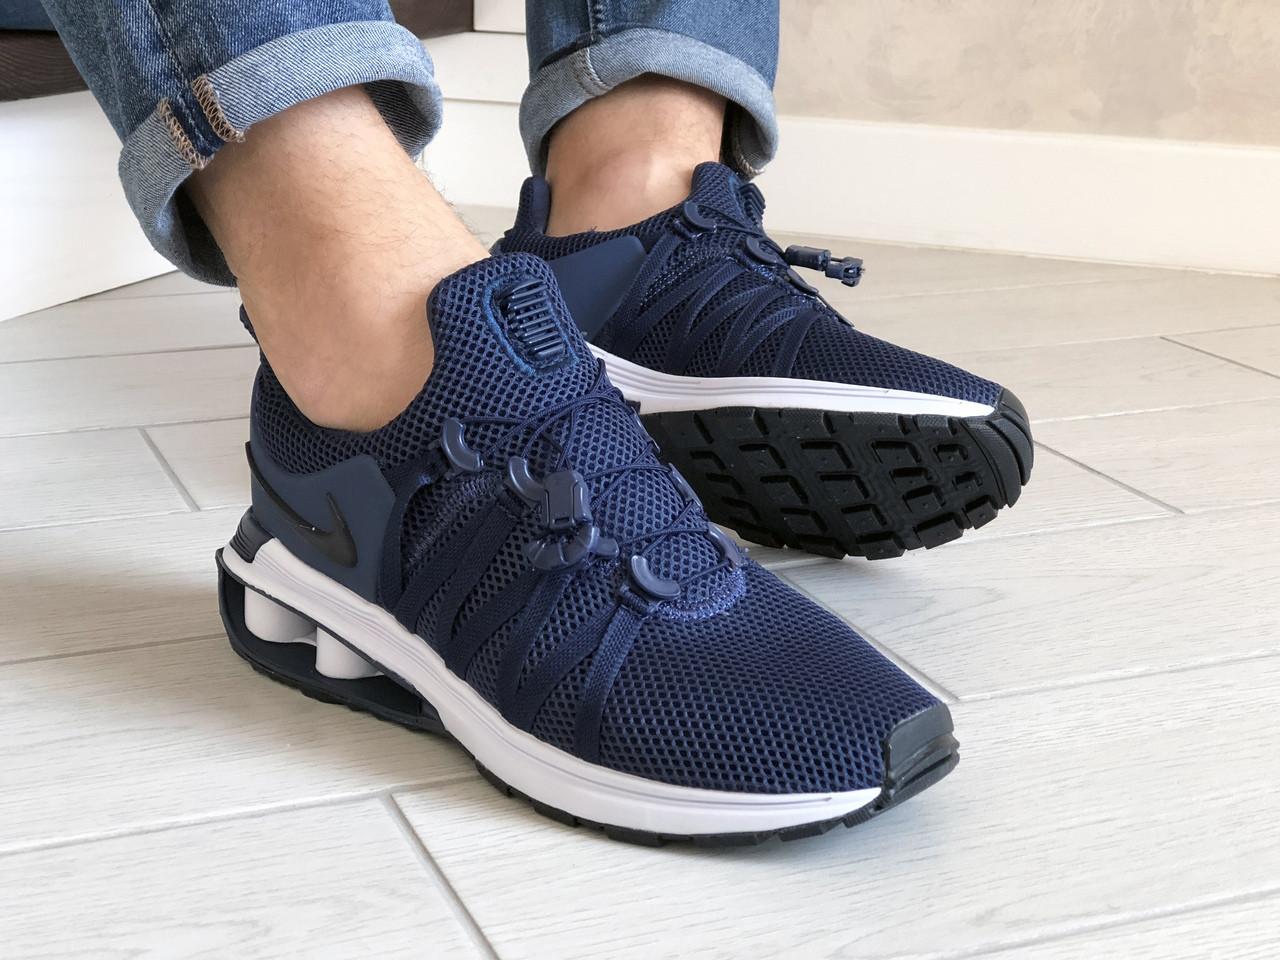 Чоловічі кросівки Nike Shox Gravity (темно-сині з білим) 9296